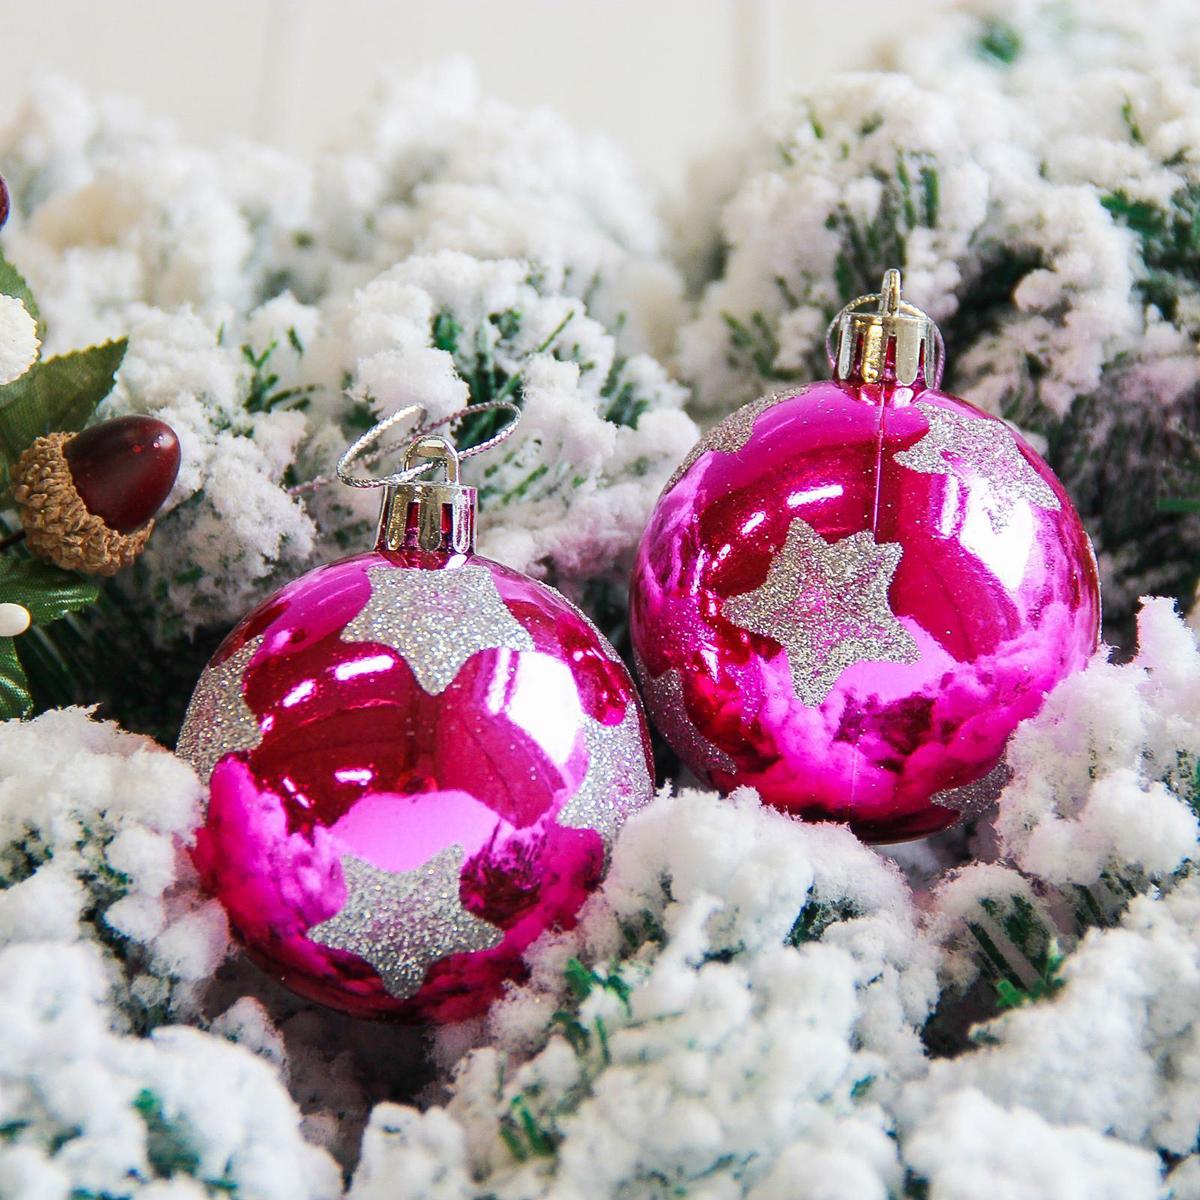 Набор новогодних подвесных украшений Sima-land Яркая звезда, цвет: малиновый, диаметр 6 см, 6 шт2178173Невозможно представить нашу жизнь без праздников! Мы всегда ждём их и предвкушаем, обдумываем, как проведём памятный день, тщательно выбираем подарки и аксессуары, ведь именно они создают и поддерживают торжественный настрой.